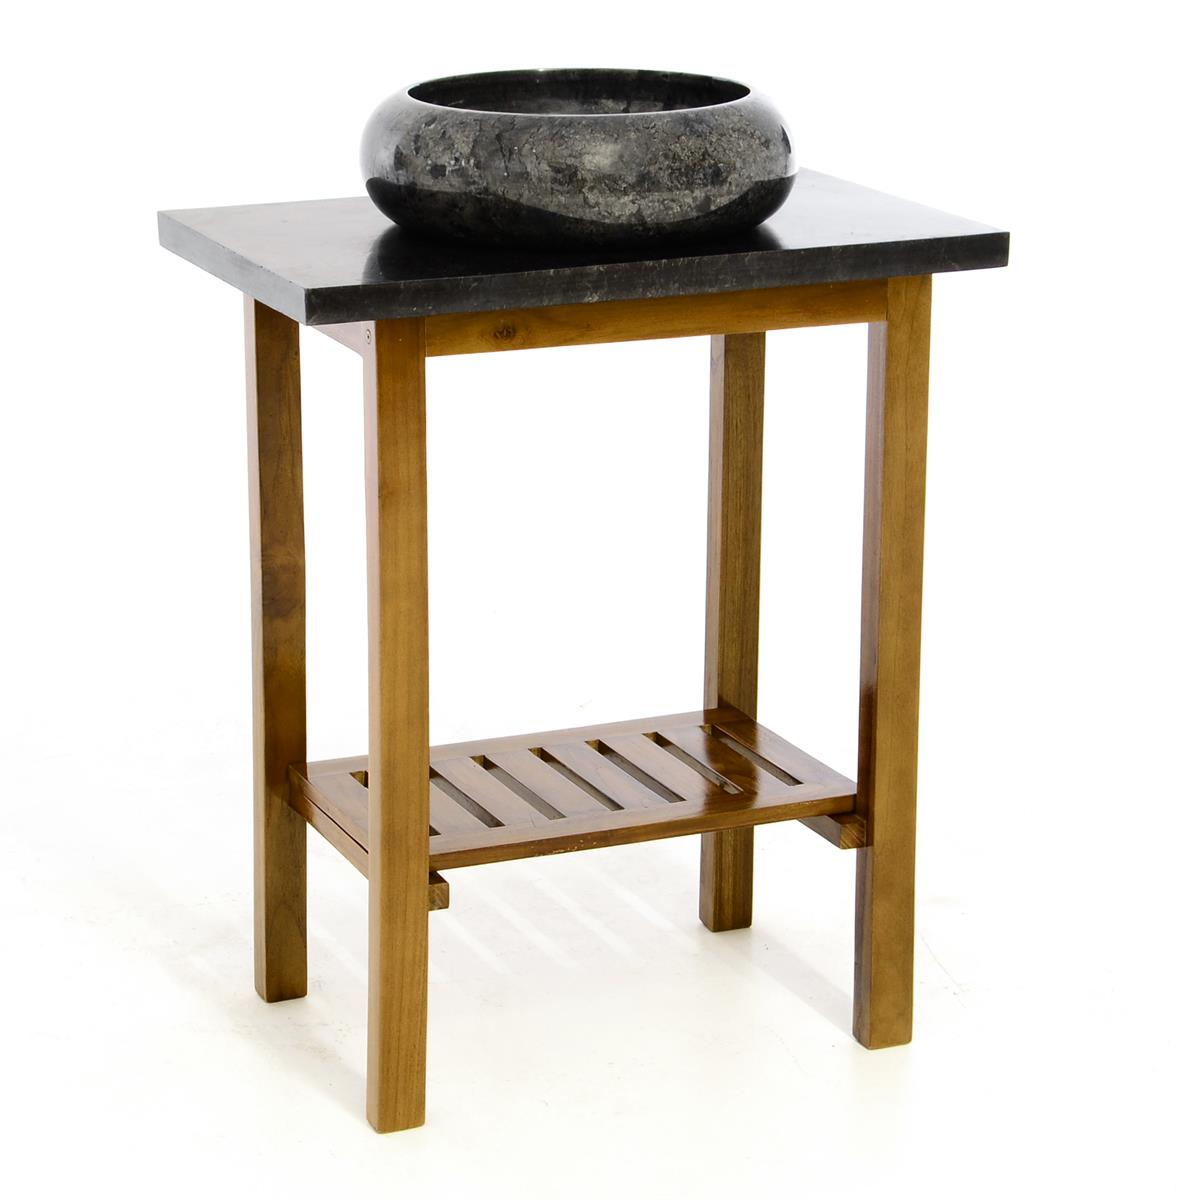 DIVERO Waschtisch Waschschale Badmöbel Marmorplatte Teak Holz grau schwarz